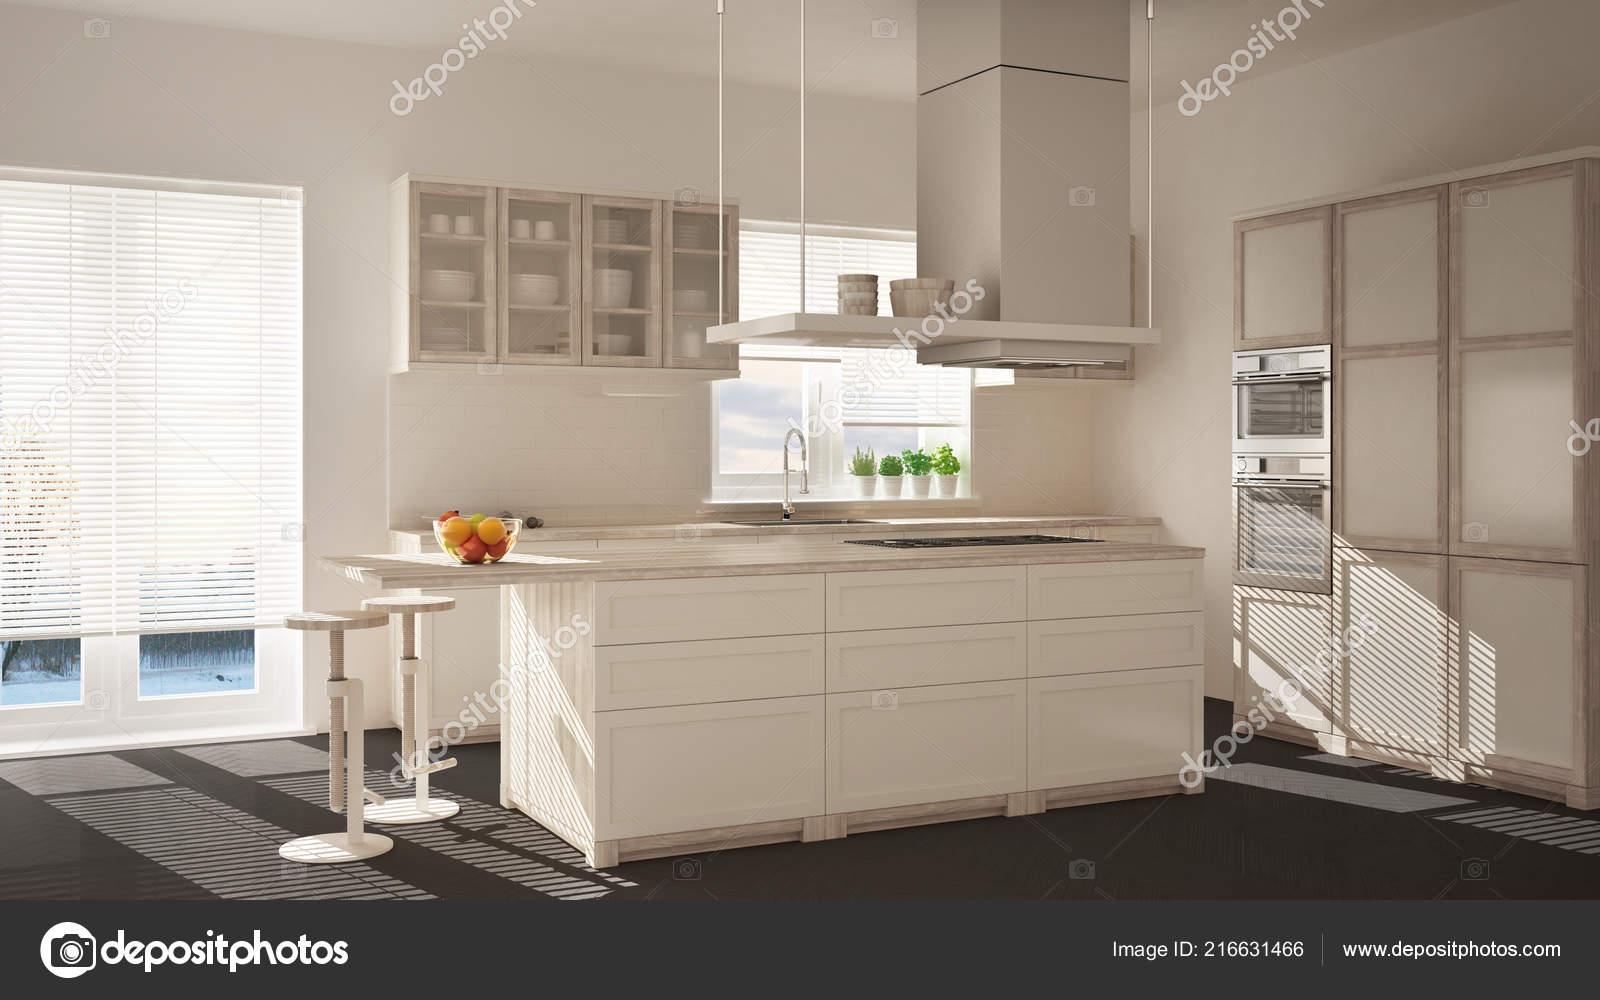 Pleasant Modern Wooden White Kitchen Island Stools Windows Parquet Machost Co Dining Chair Design Ideas Machostcouk